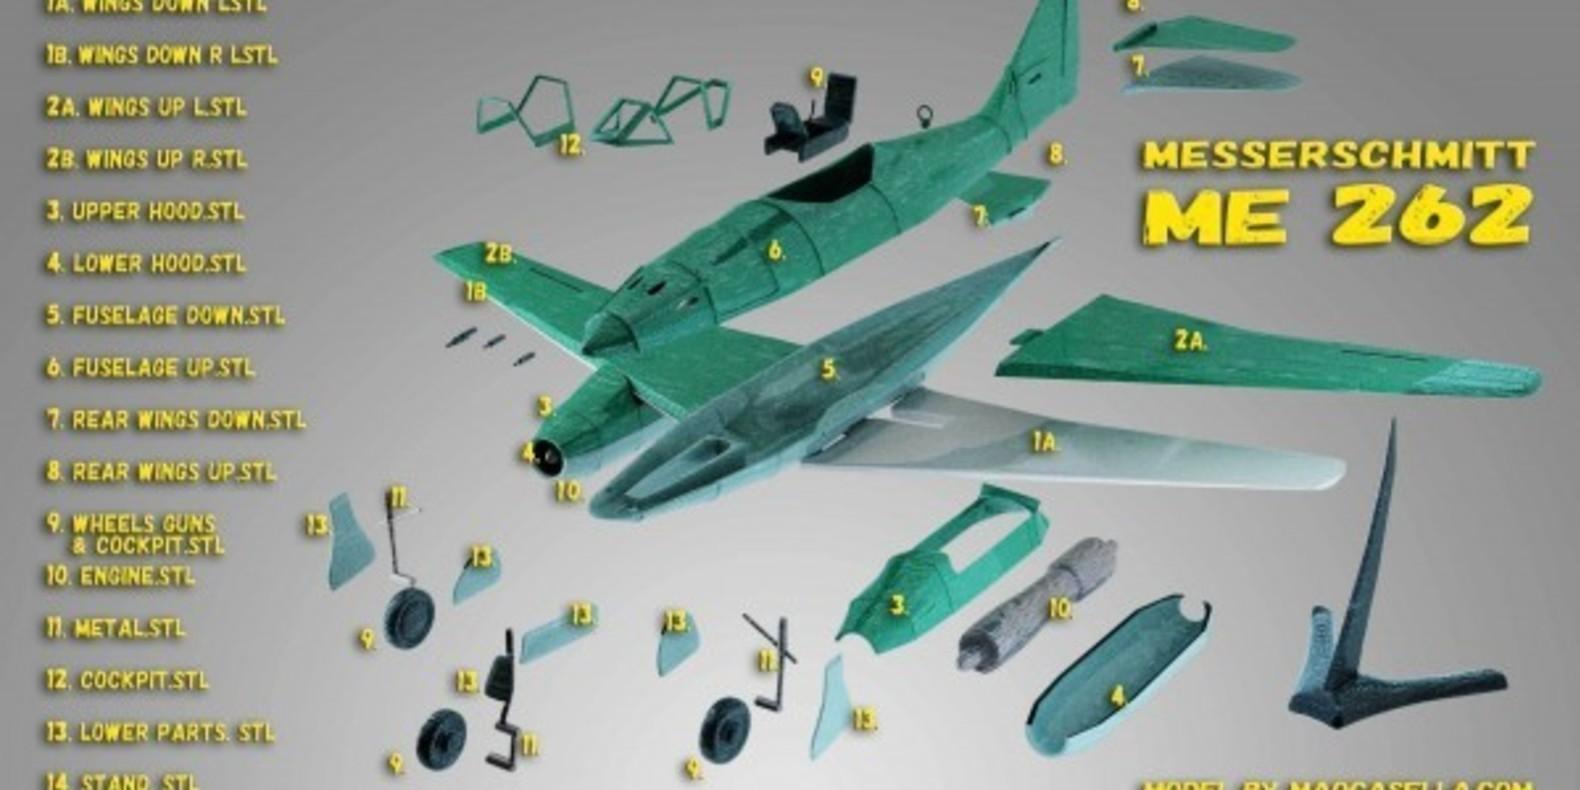 http://fichier3d.fr/wp-content/uploads/2015/01/Messerschmitt-ME-262-4-Mao-Casella-Cults-e1421754316375.jpg